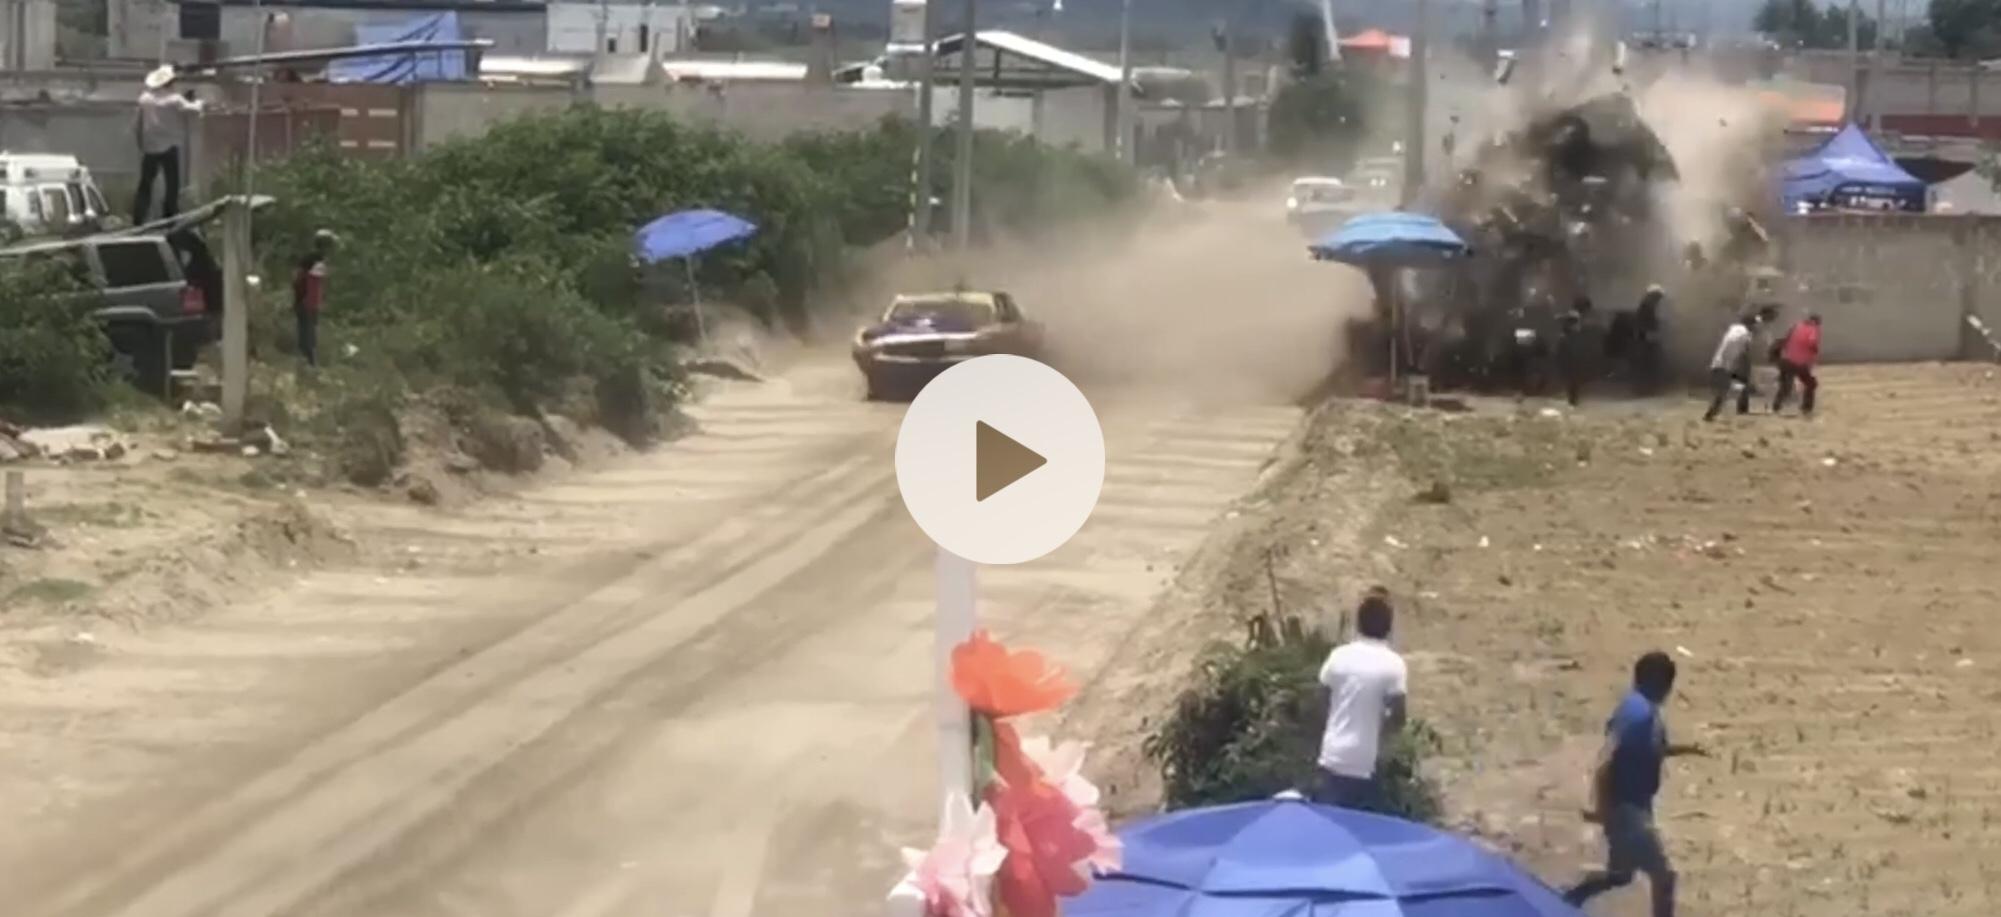 #Video Carrera de autos deja dos muertos en Puebla